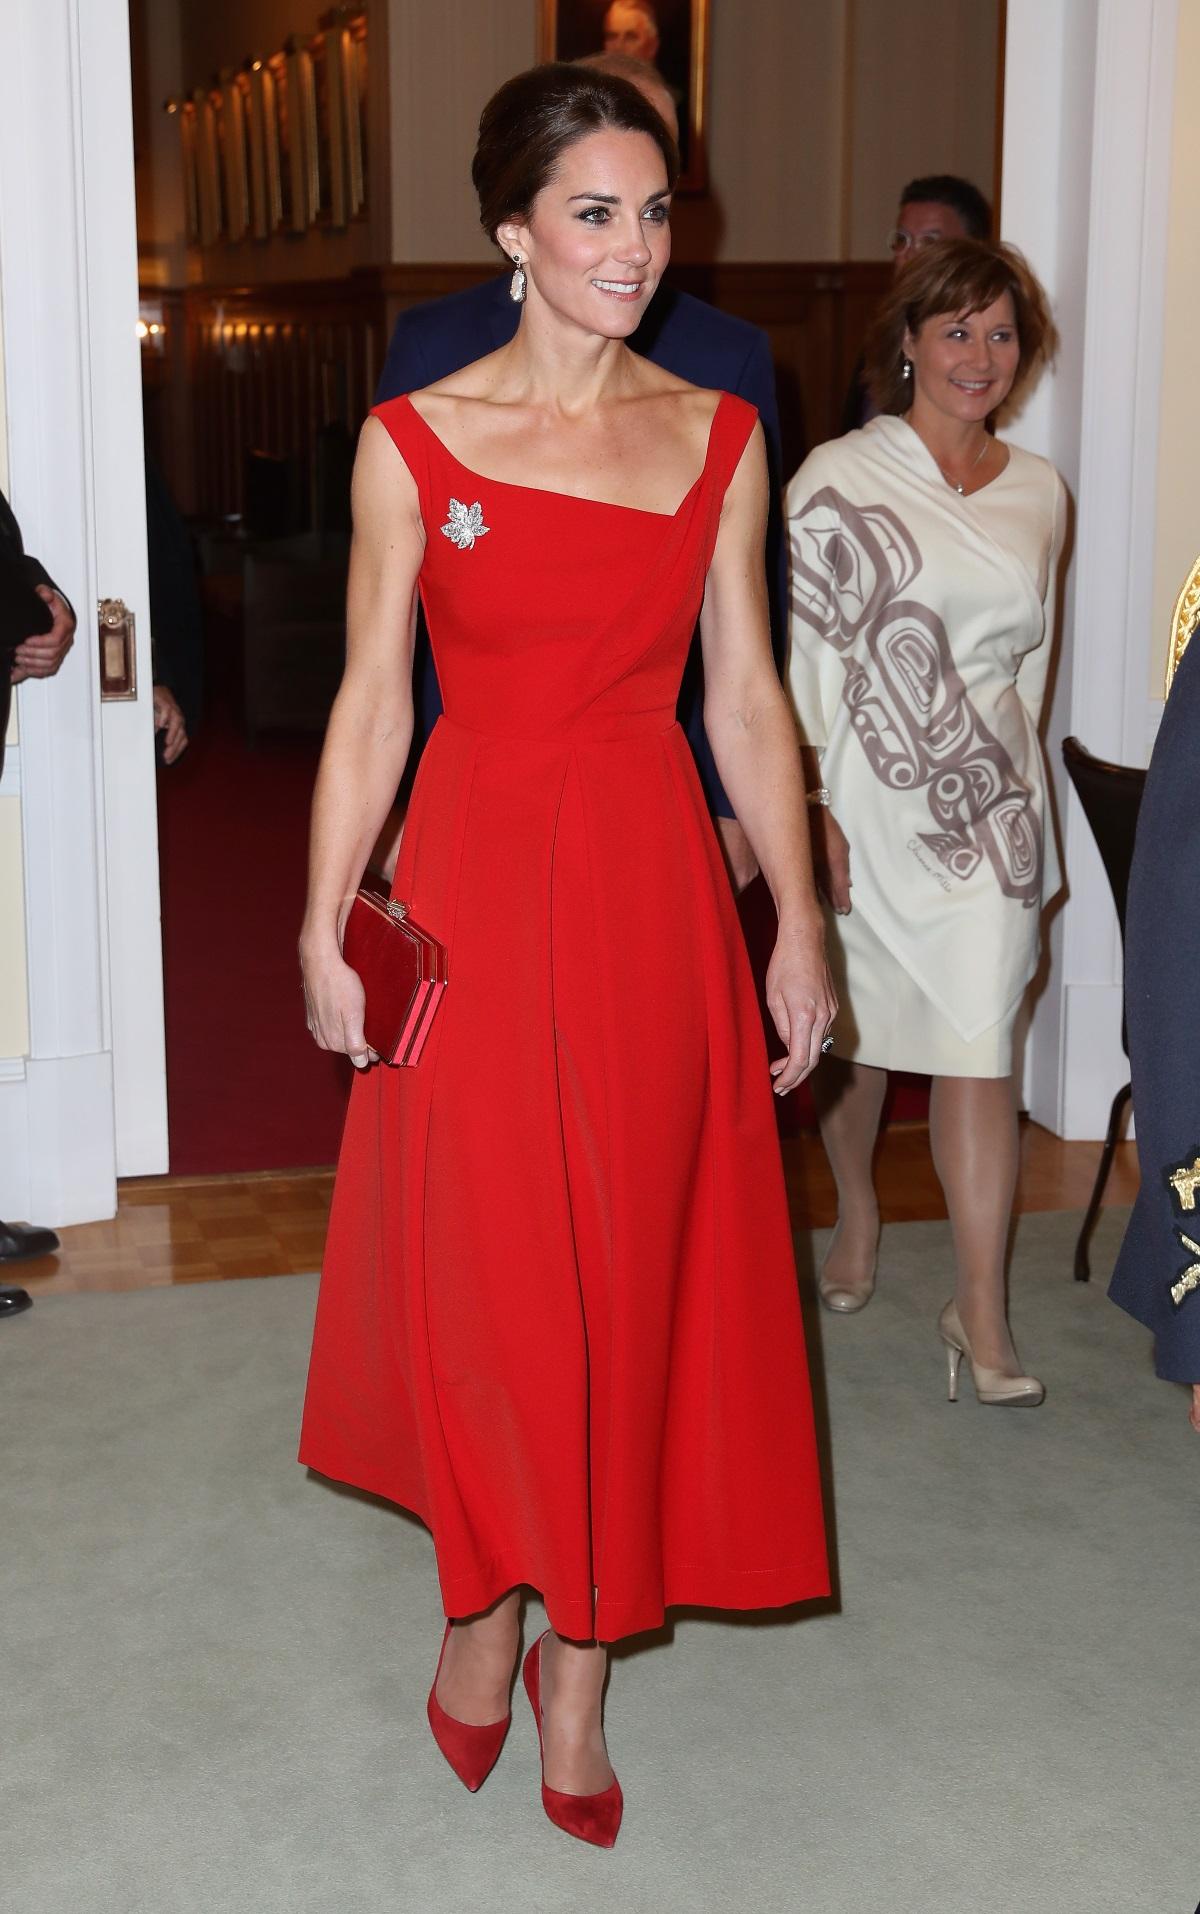 """Когато става въпрос за стил и моден вкус, се сещаме за херцогинята на Кеймбридж Кейт Мидълтън. Тя похарчи доста за гардероба си през 2016 г. Тоалетите ѝ по време на посещението им с принц Уилям в Индия е оценен на 50 хил. долара, а дрехите ѝ за визитата в Канада са на стойност 100 хил. долара. Въпреки това, в гардероба на Кейт има и немалко тоалети на ниски цени. Вижте най-евтините облекла, с които се е появявала Кейт Мидълтън. Обзорът е направен от """"Хъфингтън поуст"""" - Канада."""